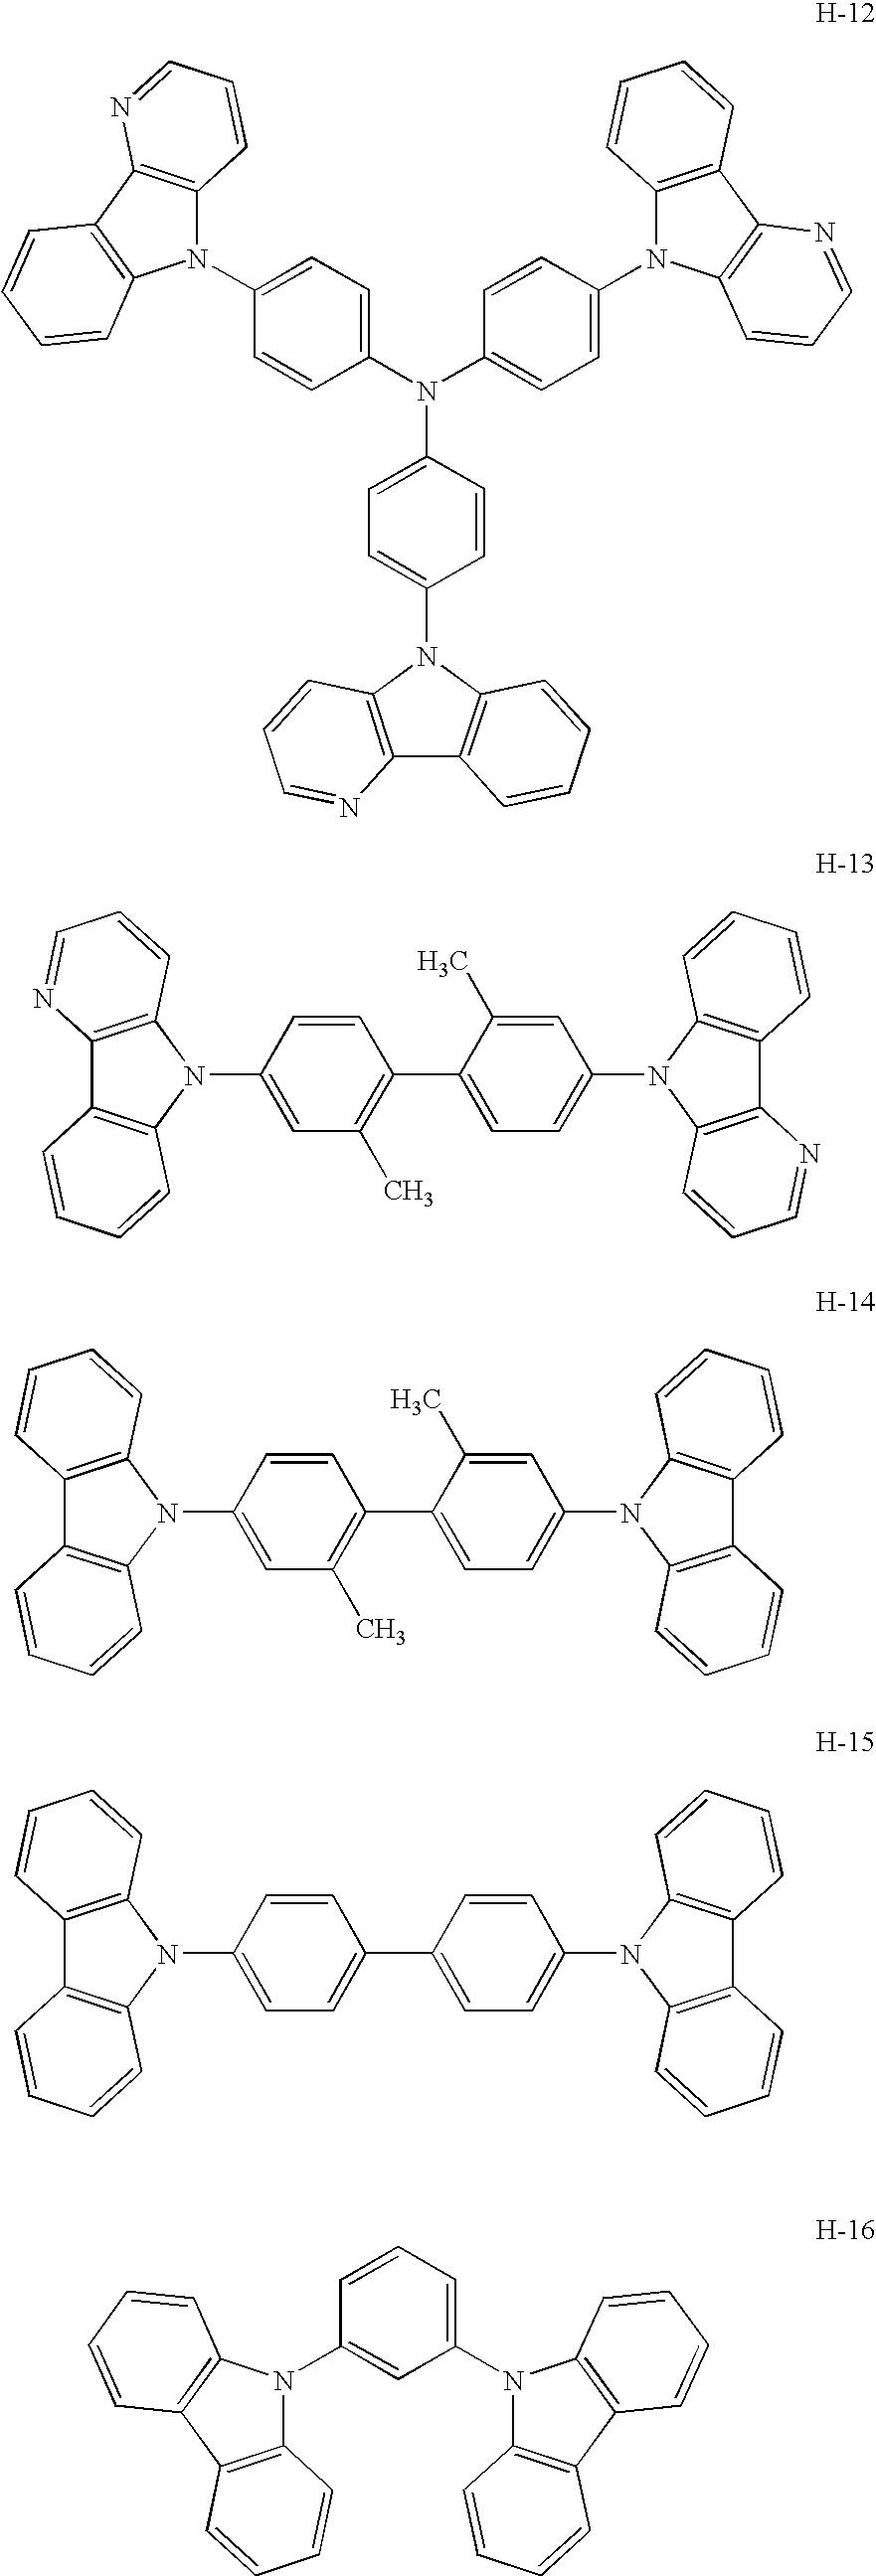 Figure US07504657-20090317-C00017